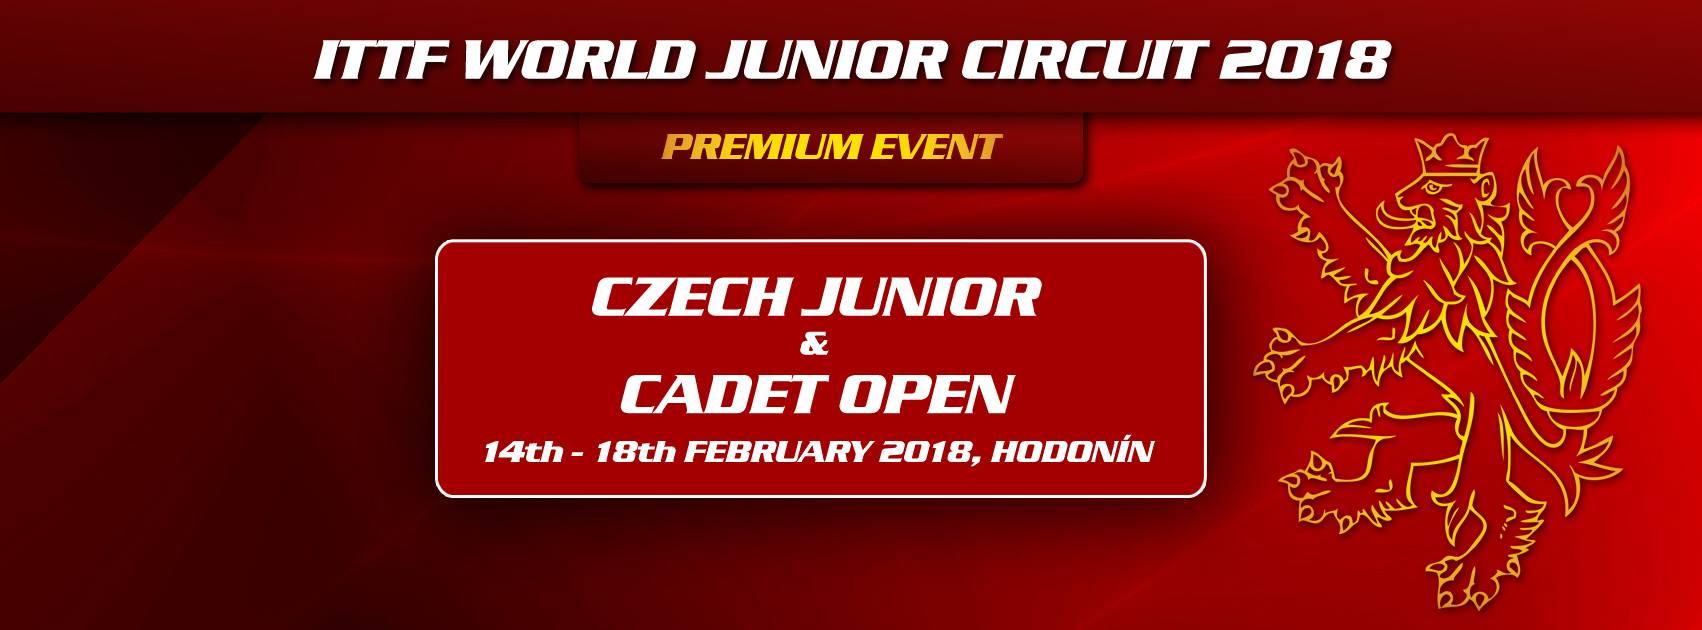 Turnaj Czech Junior & Cadet open opět v Hodoníně!!!